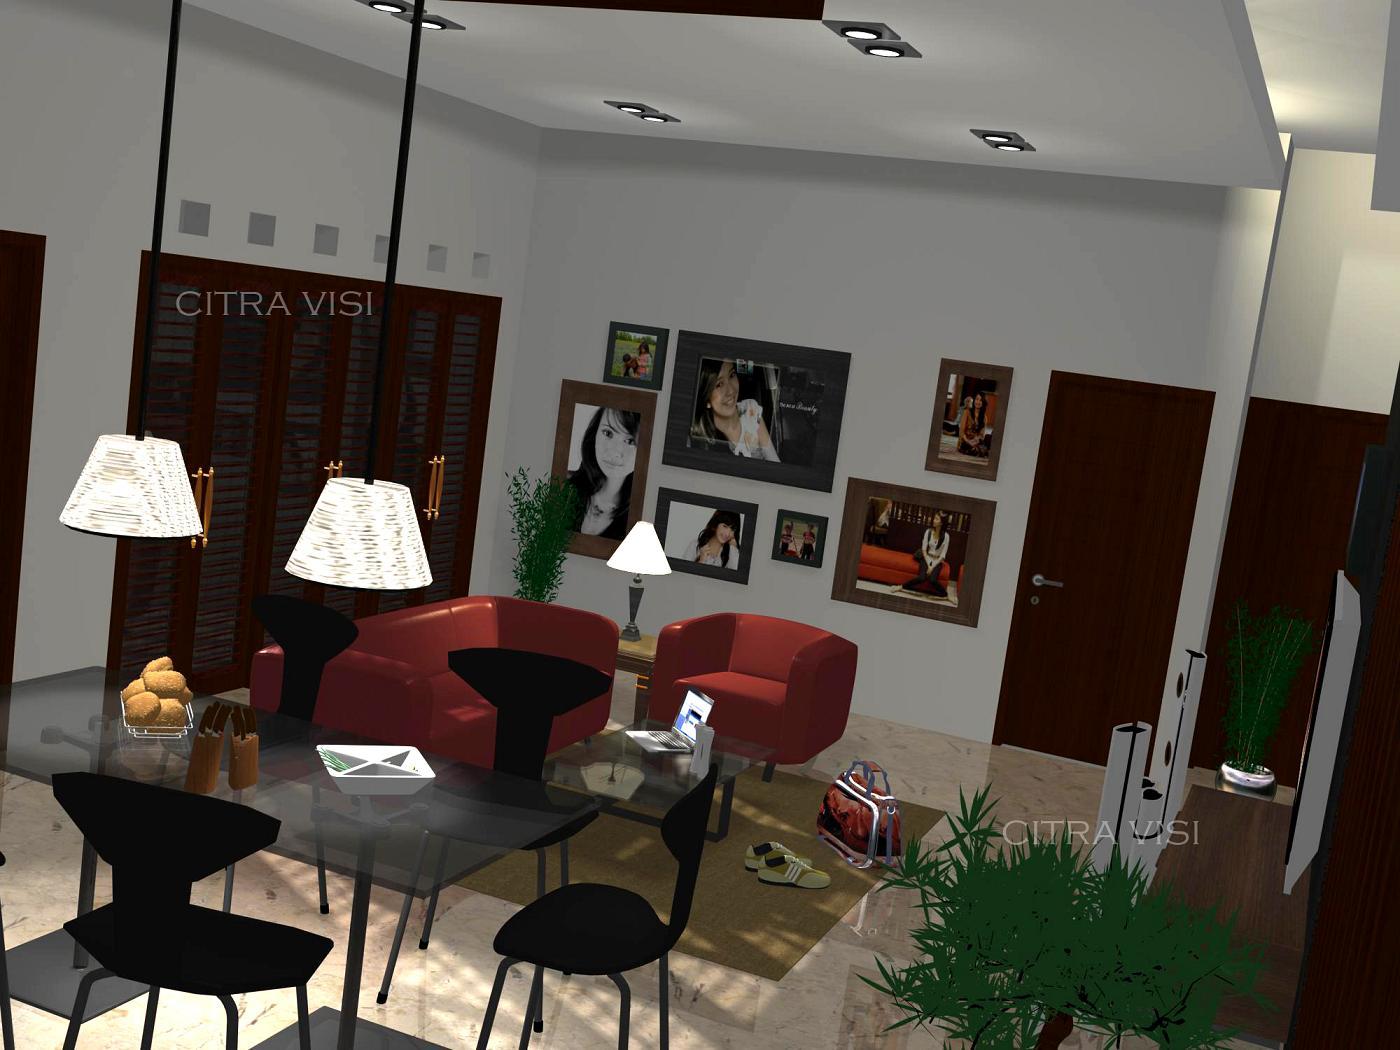 Interior Rumah Tinggal Pak Nafis  citravisi4threedee